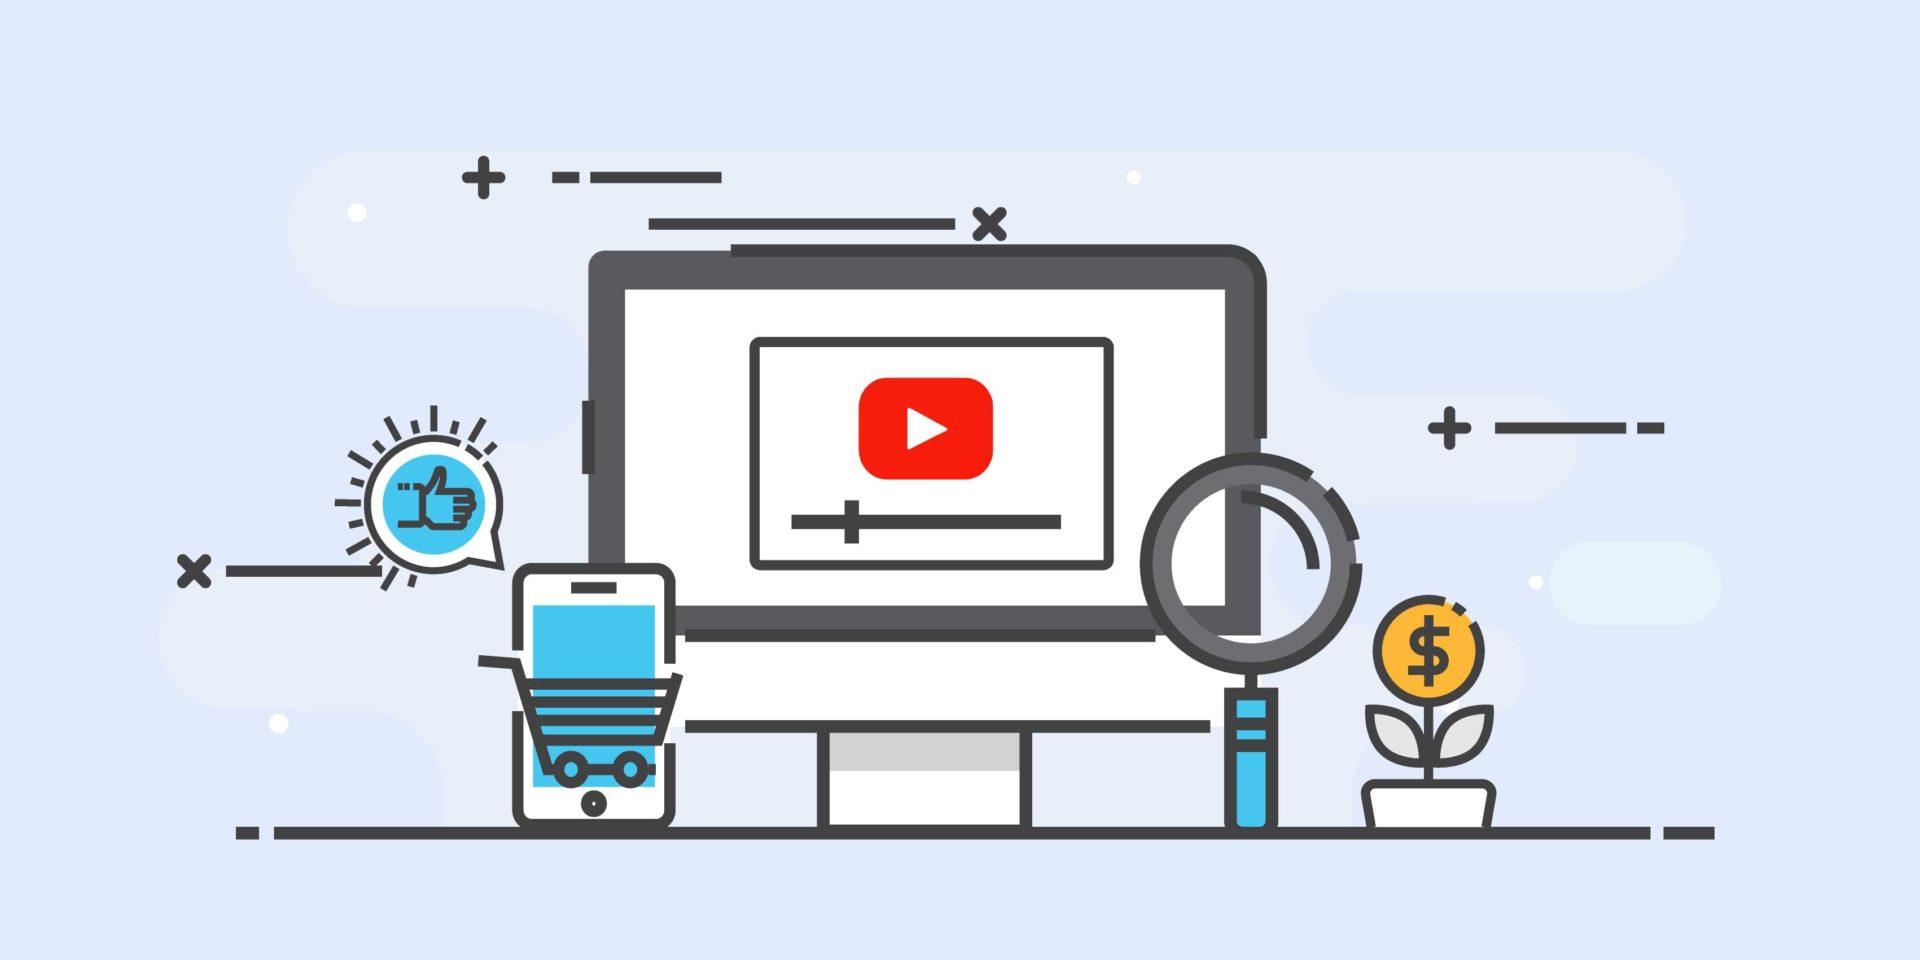 Mais de 50% dos usuários buscam no youtube antes de comprar